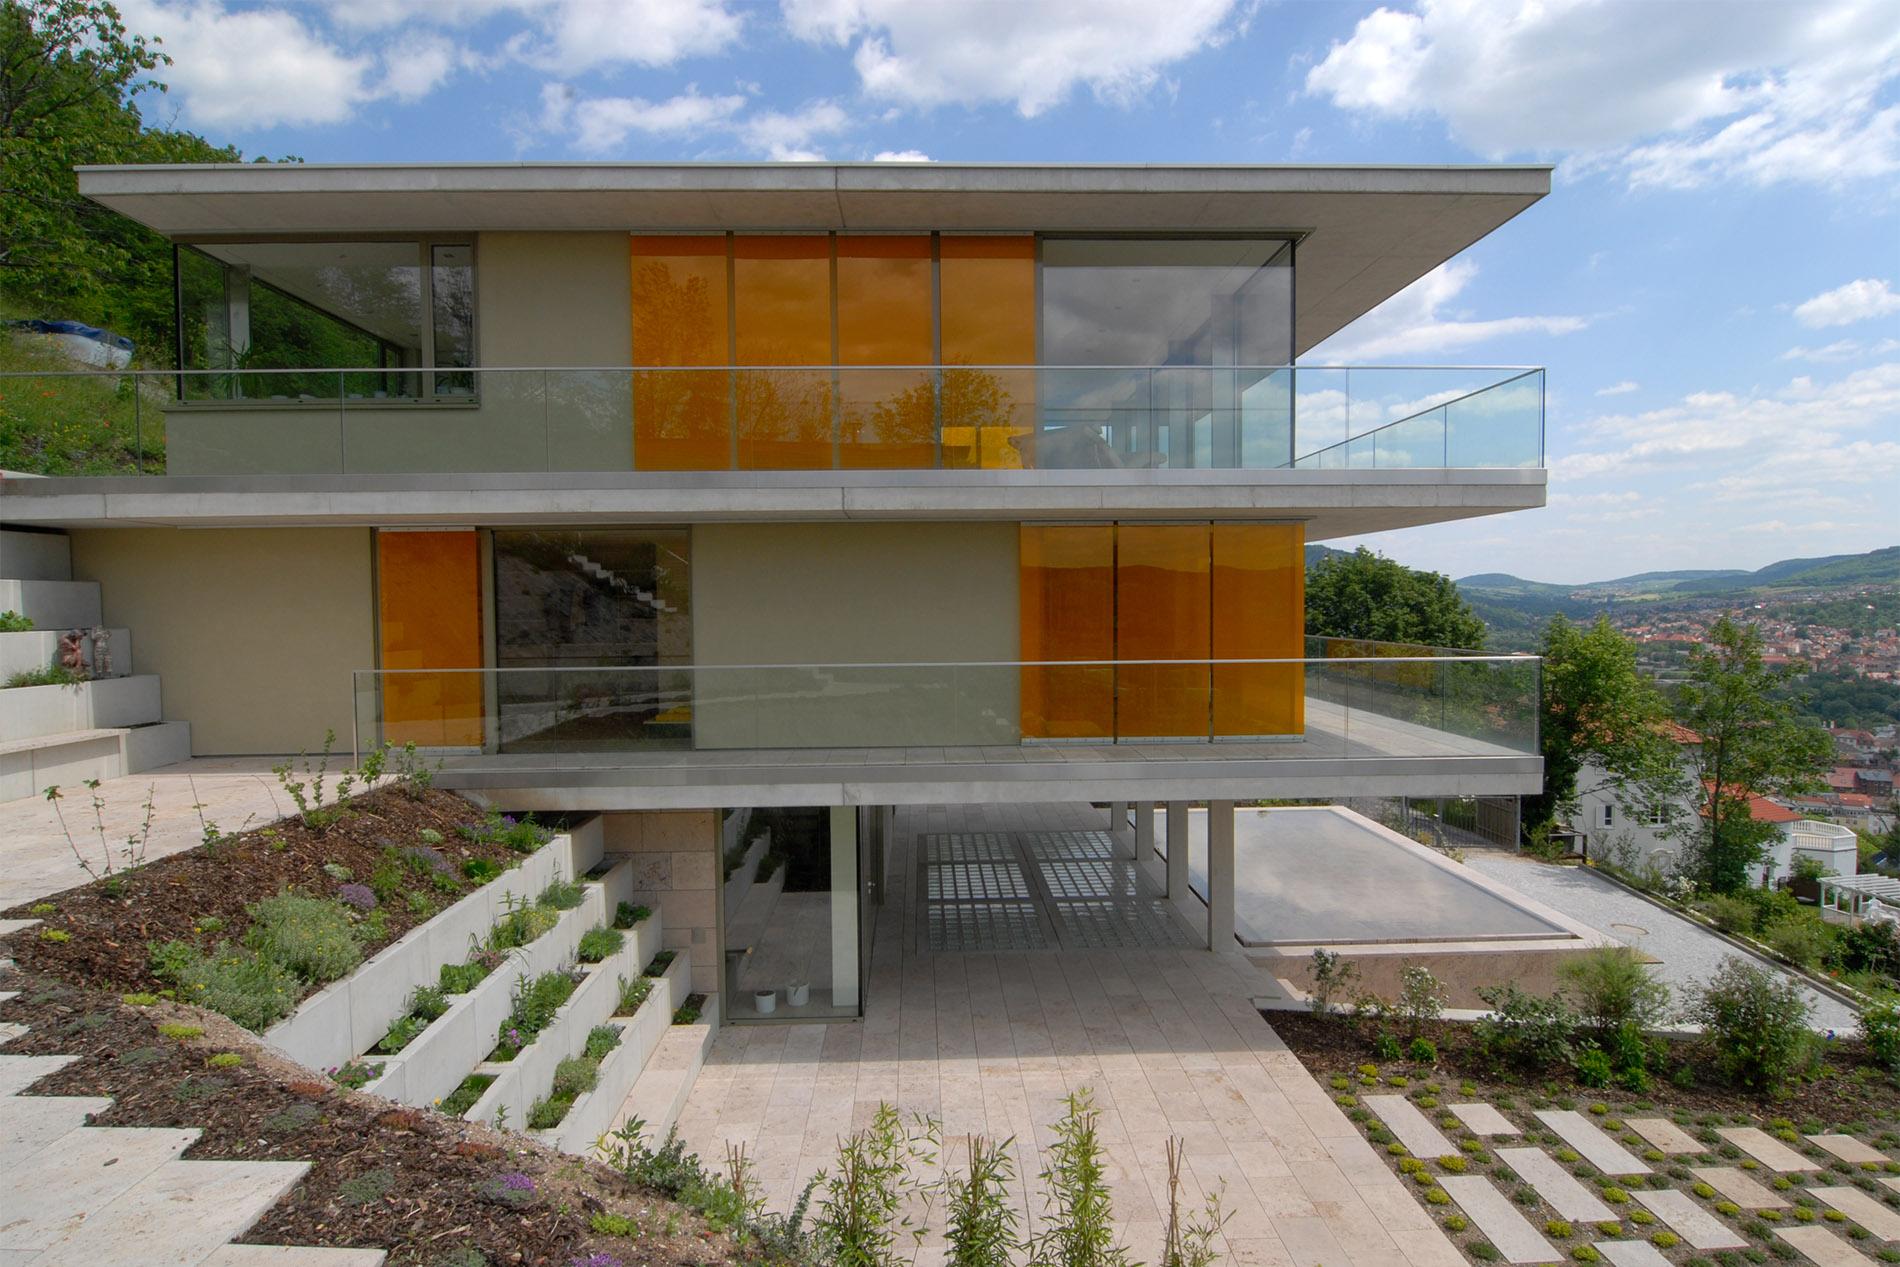 Villa mit Terrassenplatten, Poolumrandung und Gartenplatten aus Travertin von TRACO